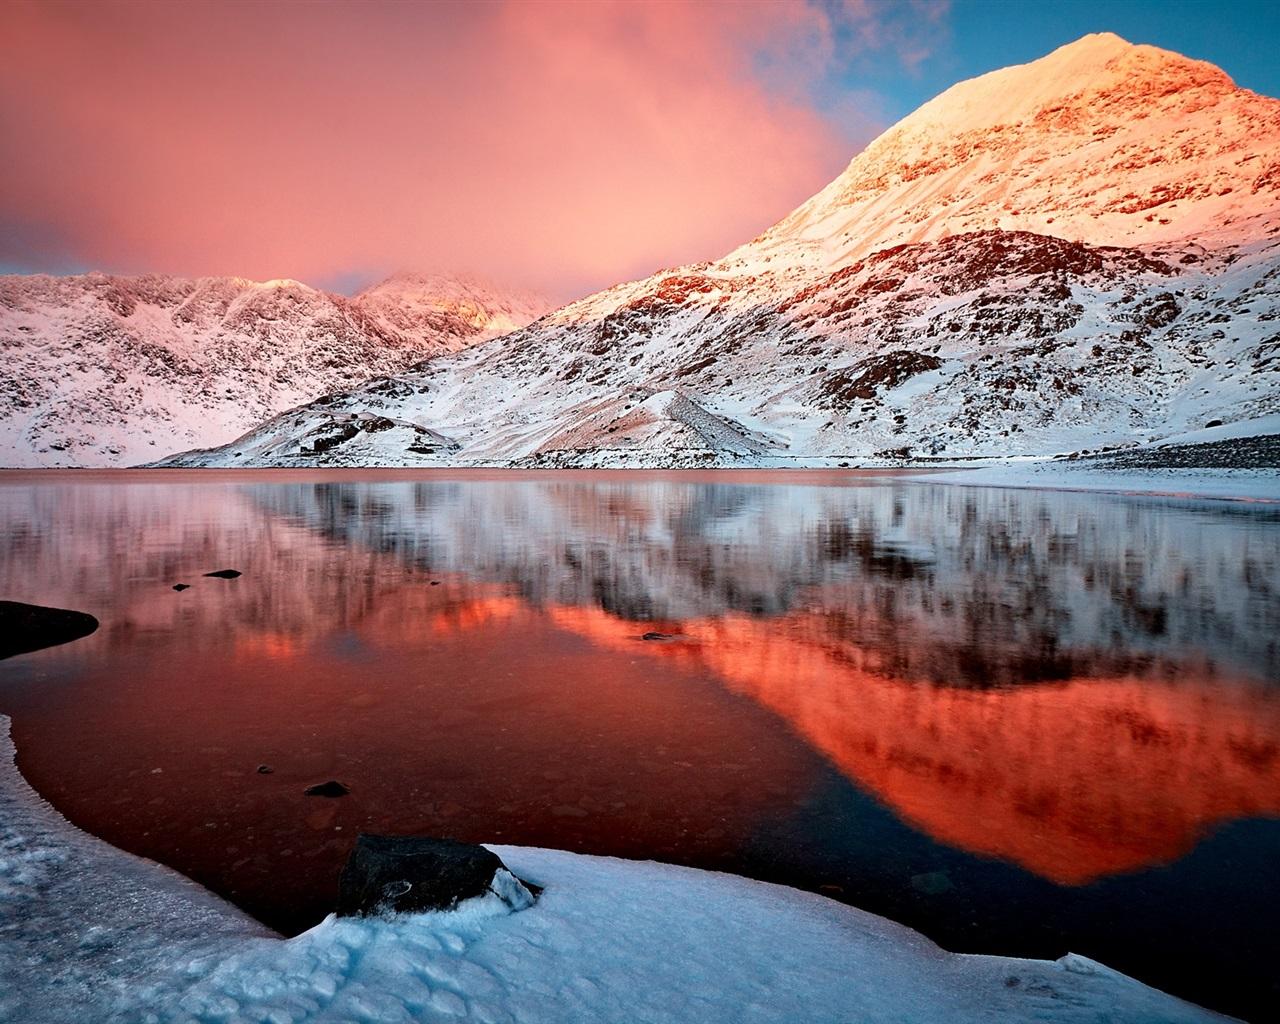 Montaña Nevada 1024x768: Fondos De Pantalla Montaña, Nieve, Invierno, Lago